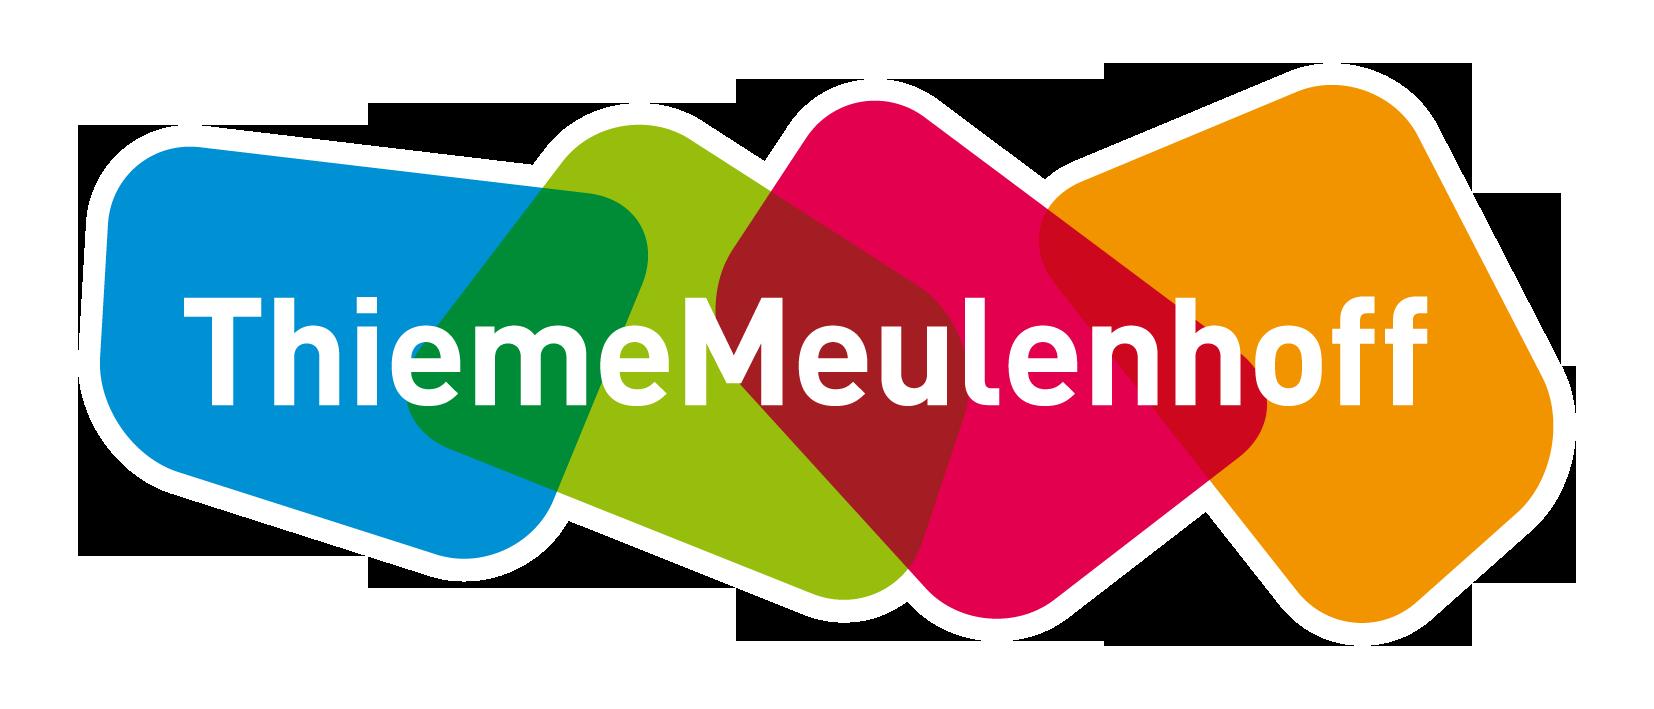 Logo ThiemeMeulenhoff